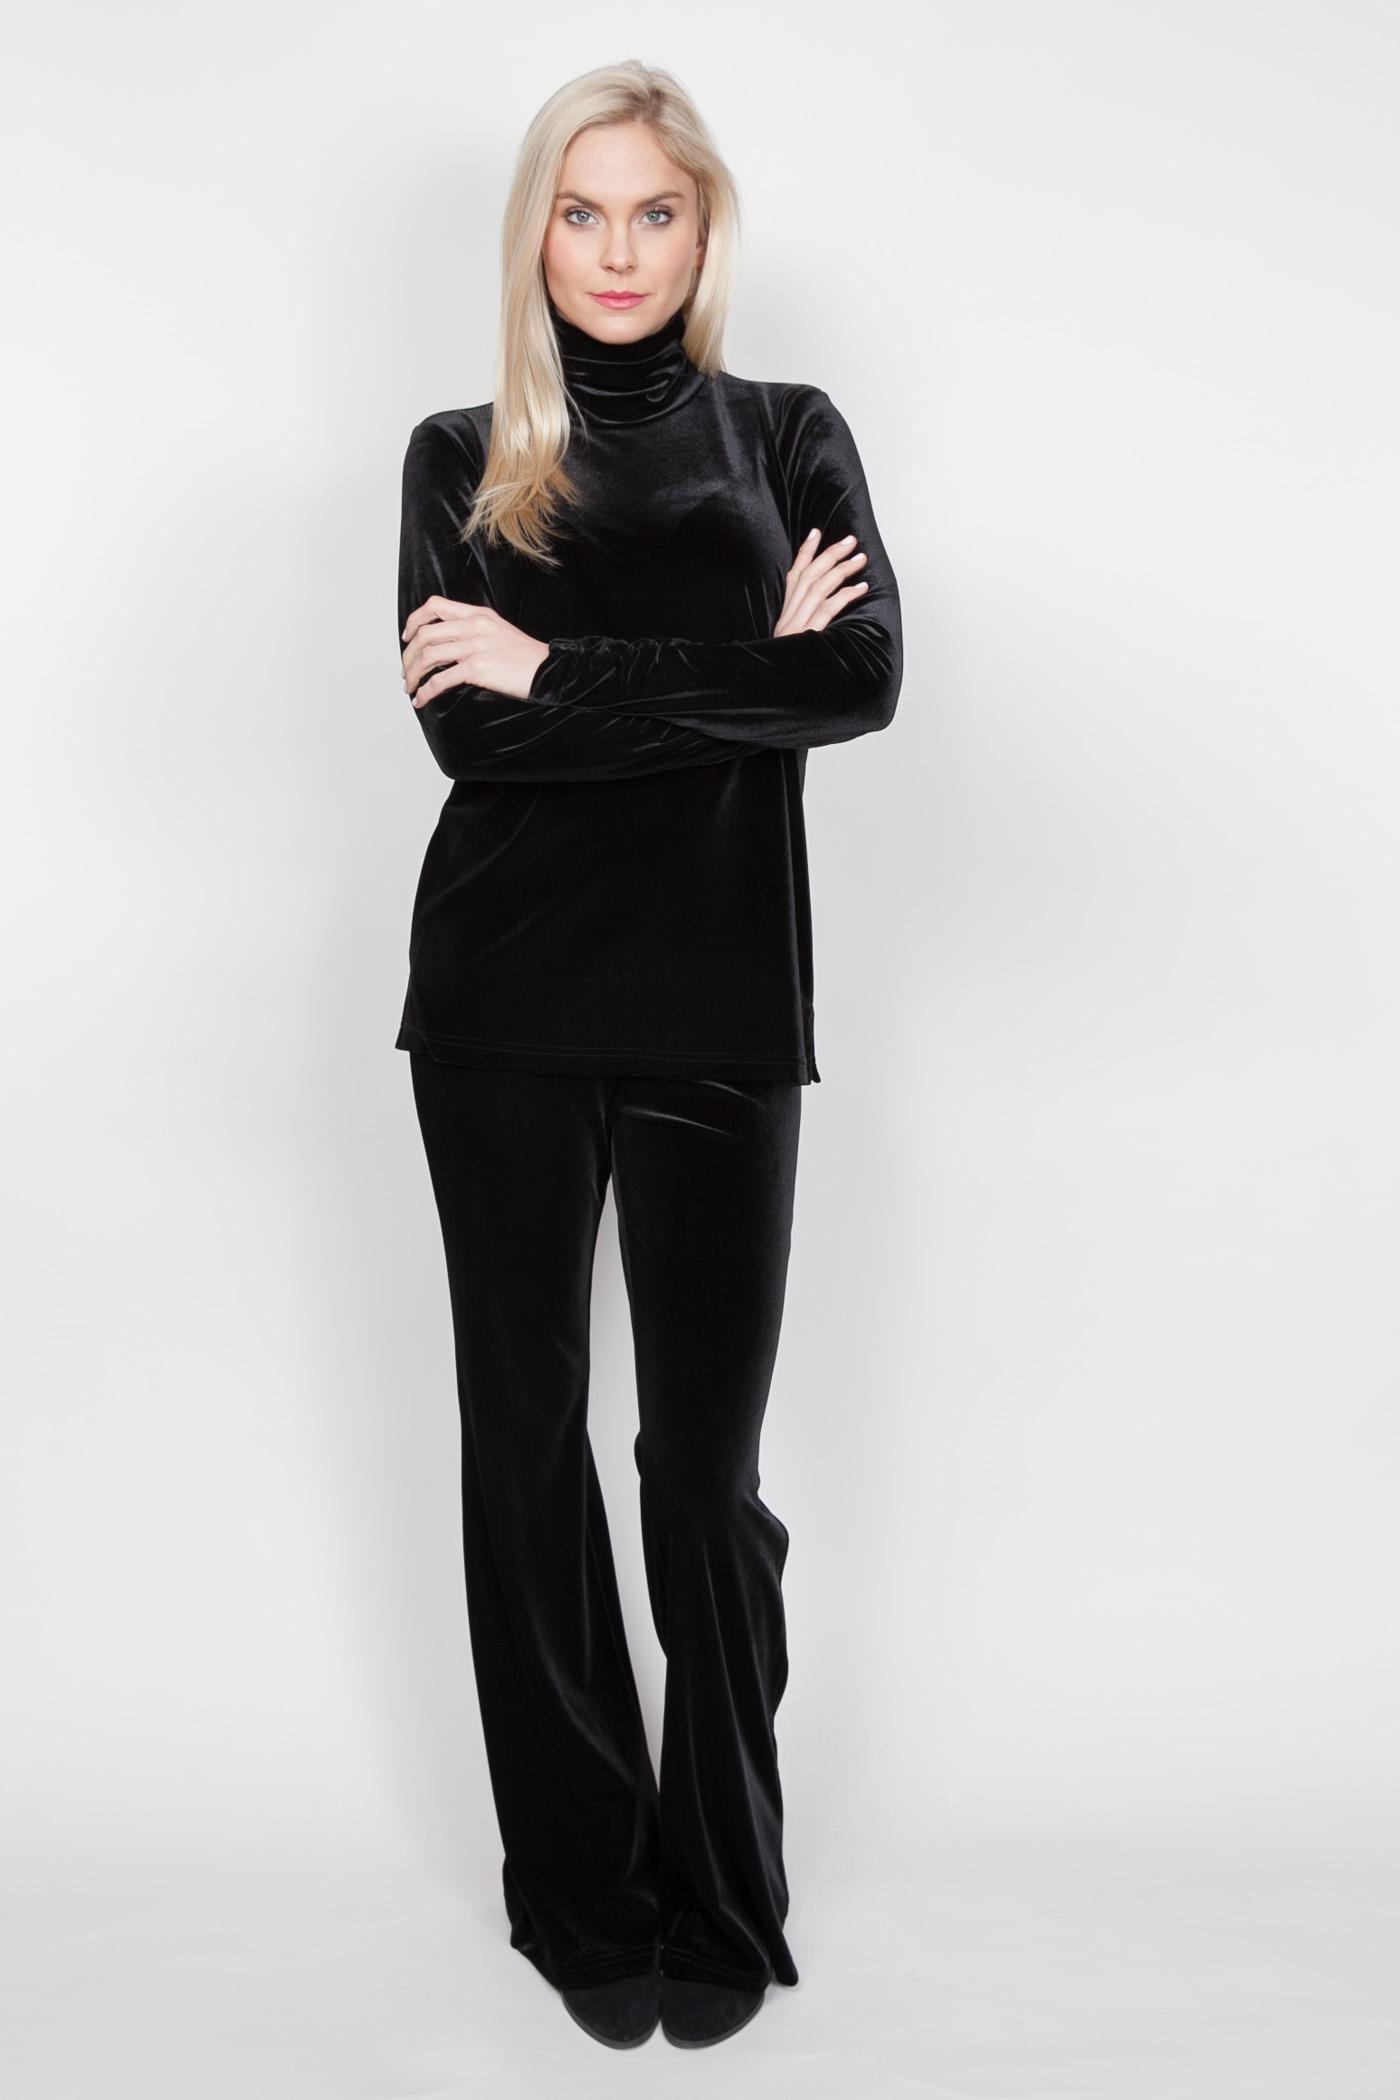 Copy of Style # 11228-18, p 13 </br>Plush Tech Velvet, Fit/Flair Pant </br>Color: Black + 5 others